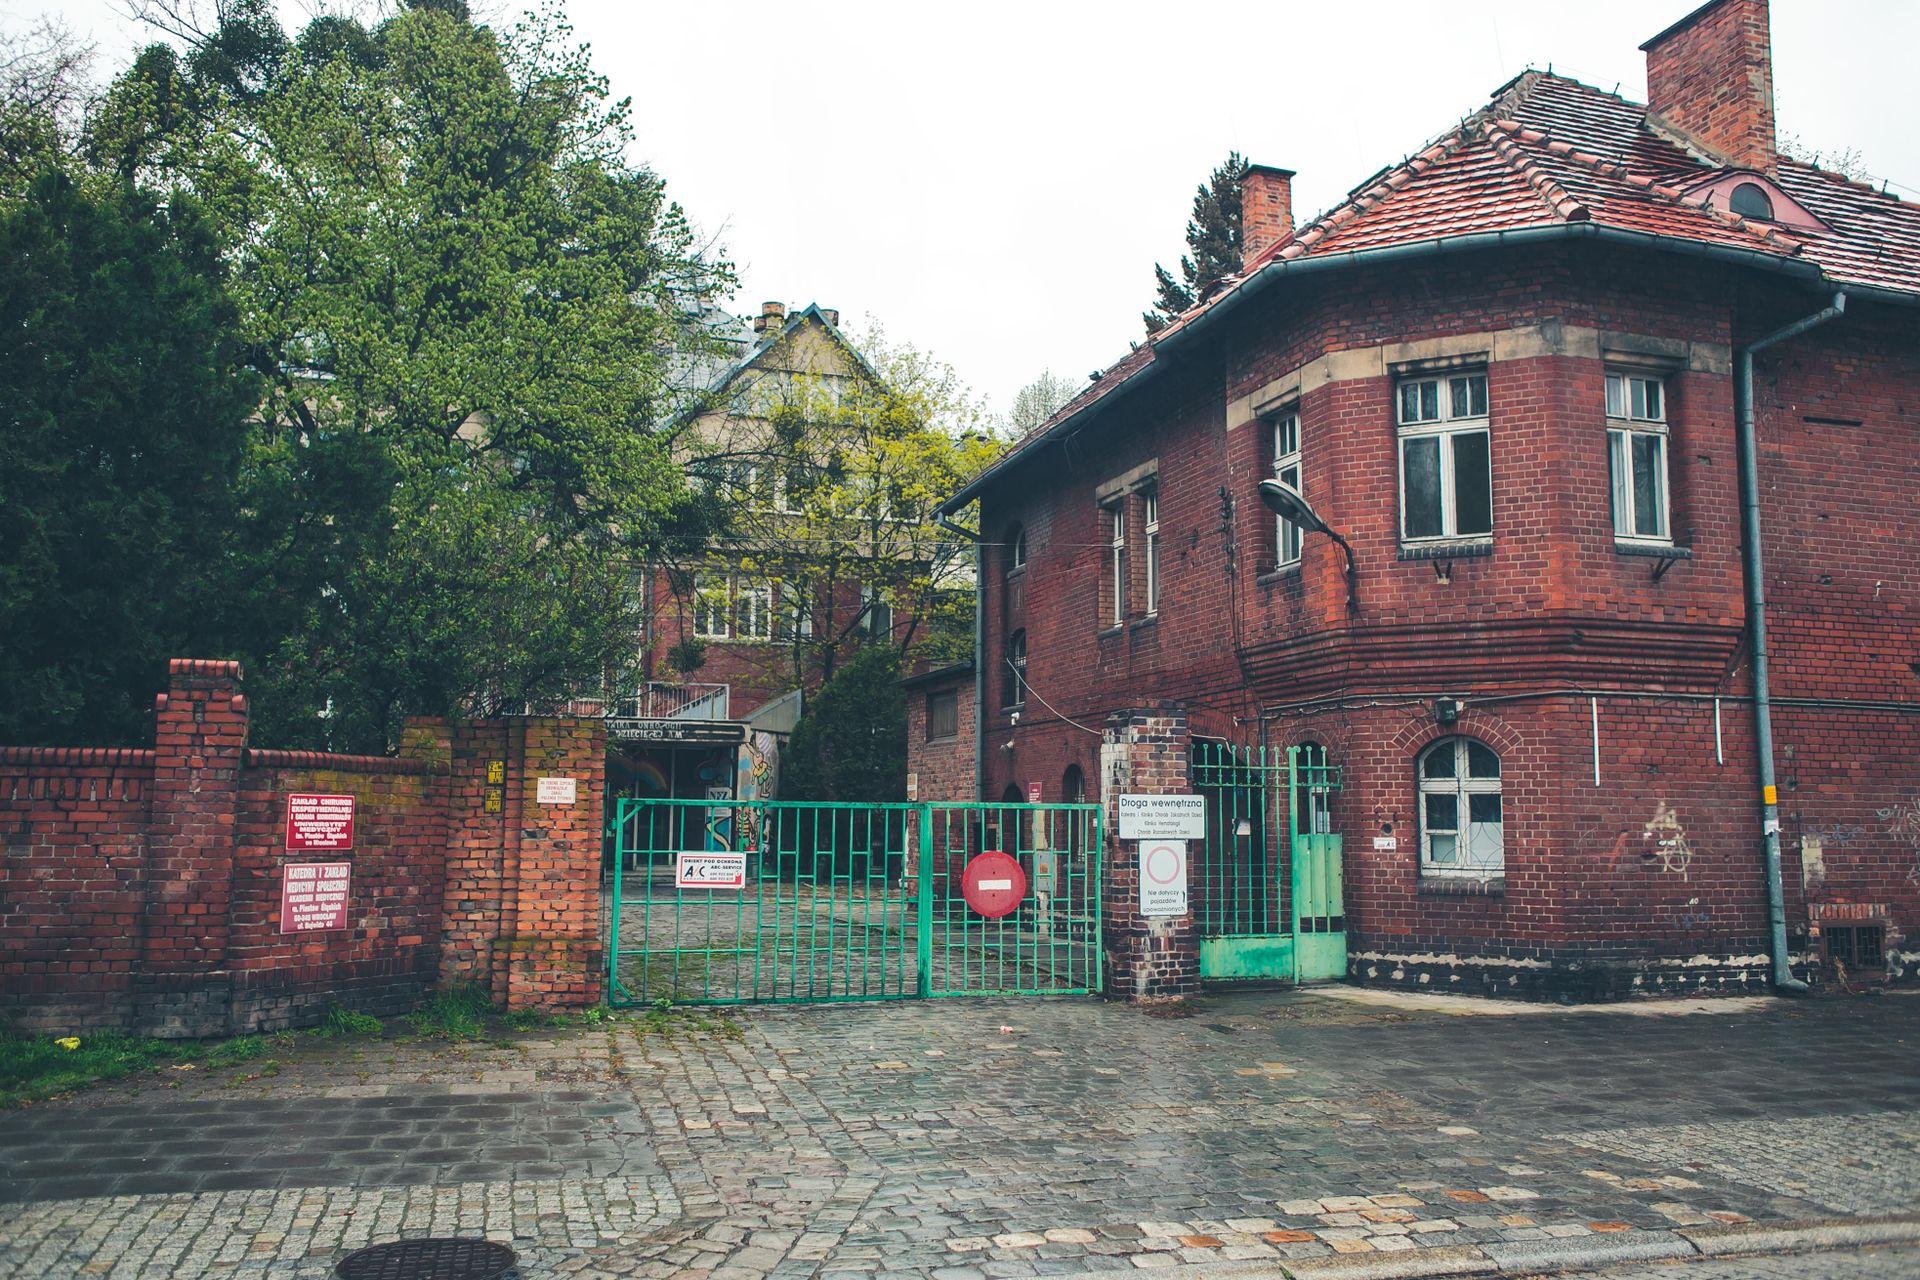 [Wrocław] Poszpitalne budynki przy Bujwida pójdą do rozbiórki?